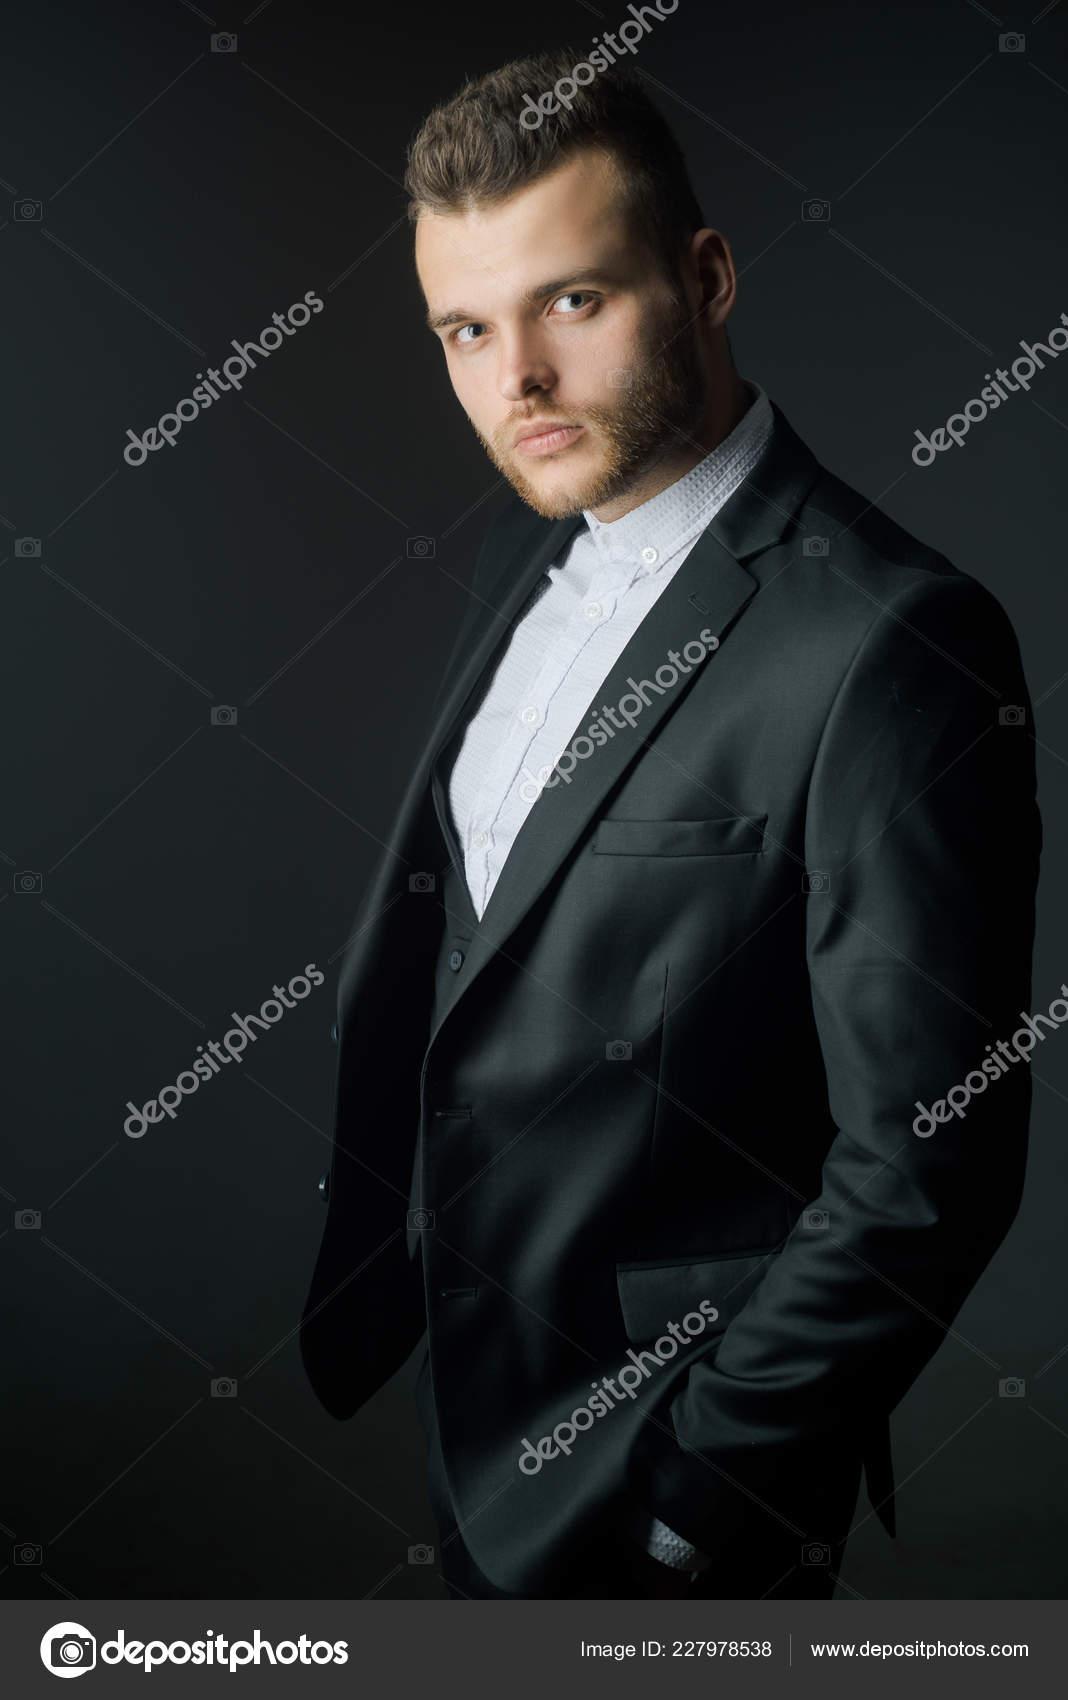 be31764e0b36 Богатый человек в классических костюмах. Модный костюм. Мужская одежда  класса люкс. Мужчина в костюме. Классический костюм.